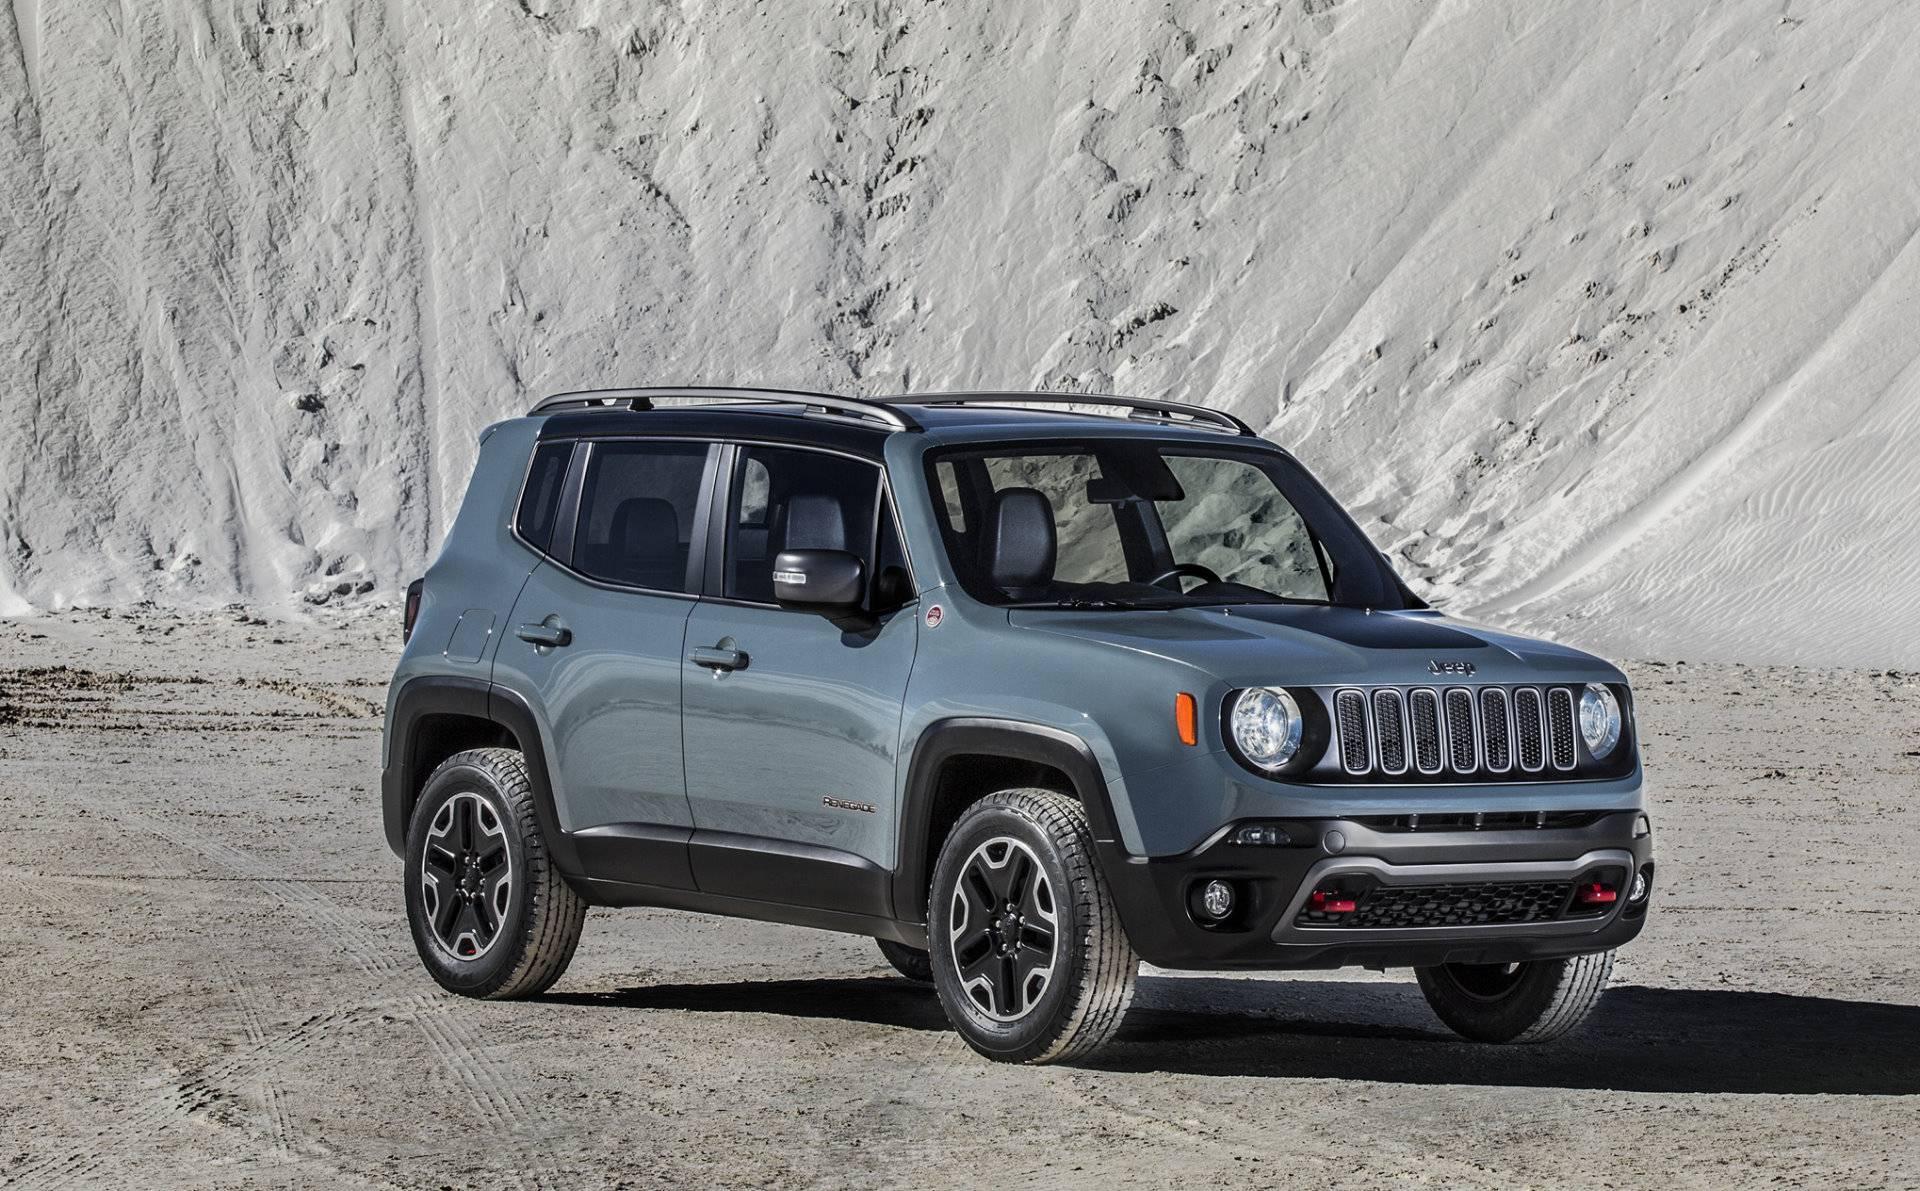 jeep renegade 2014 seite vorne front